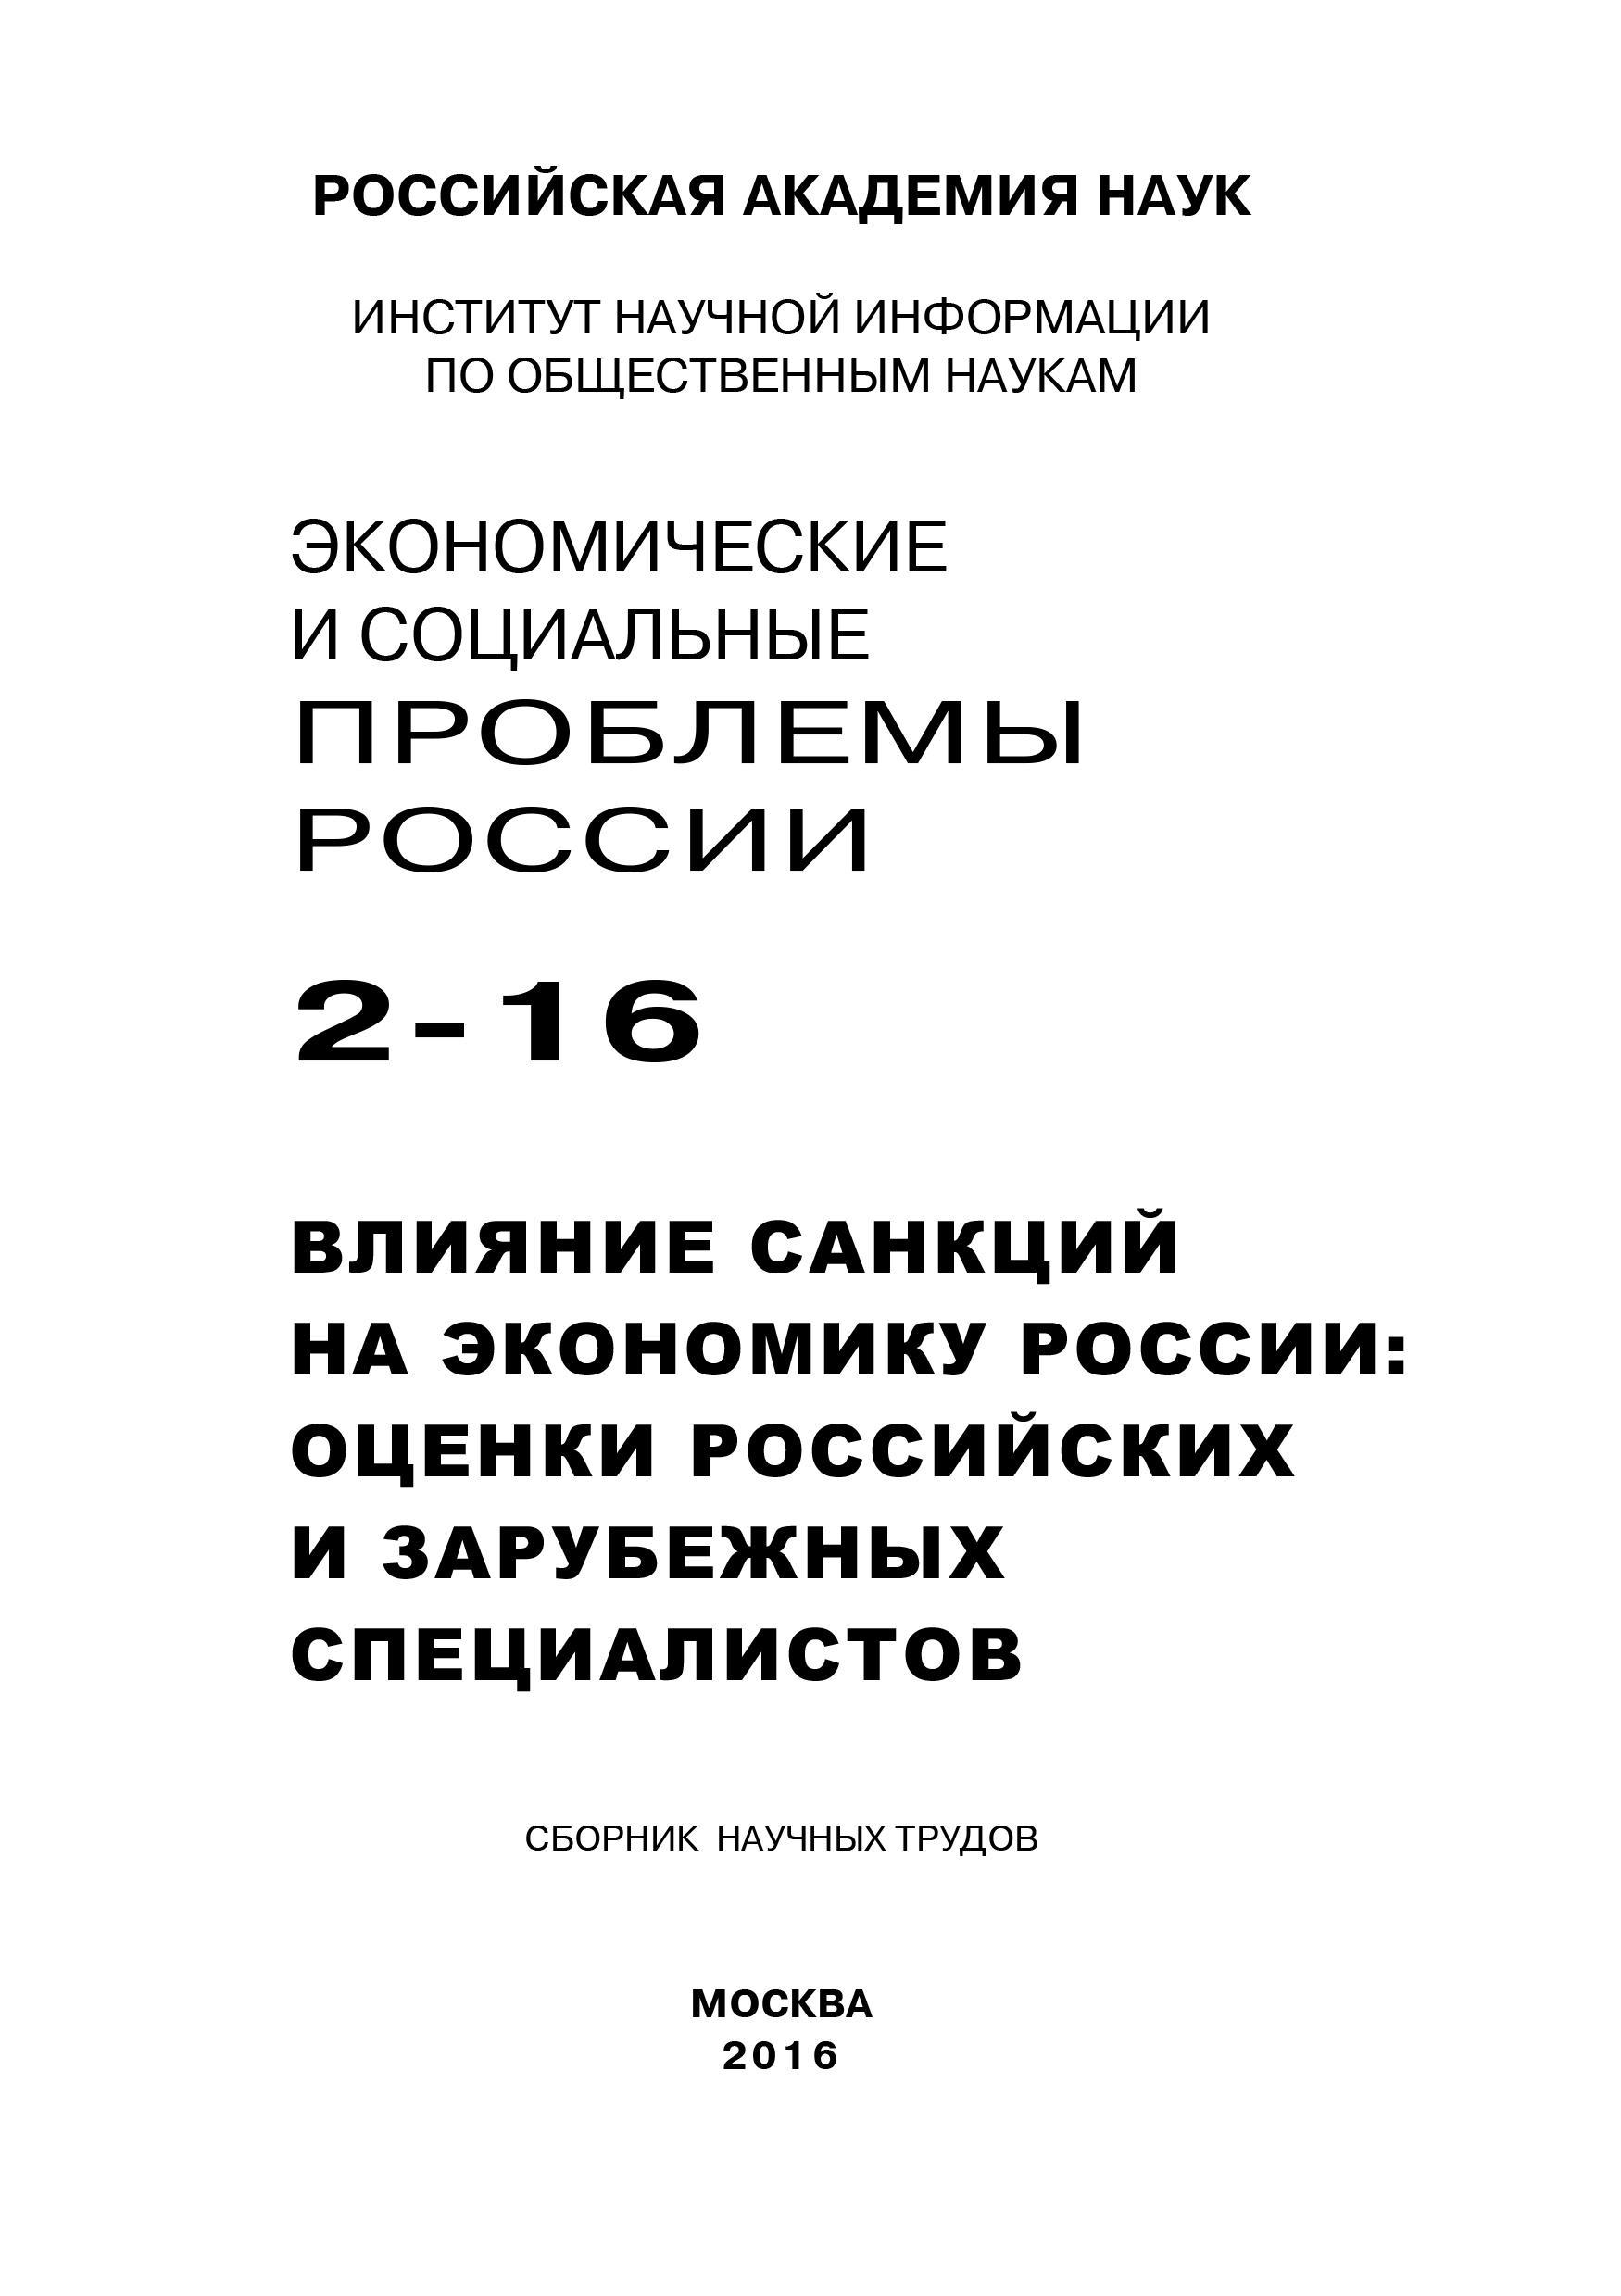 Коллектив авторов Экономические и социальные проблемы России №2 / 2016